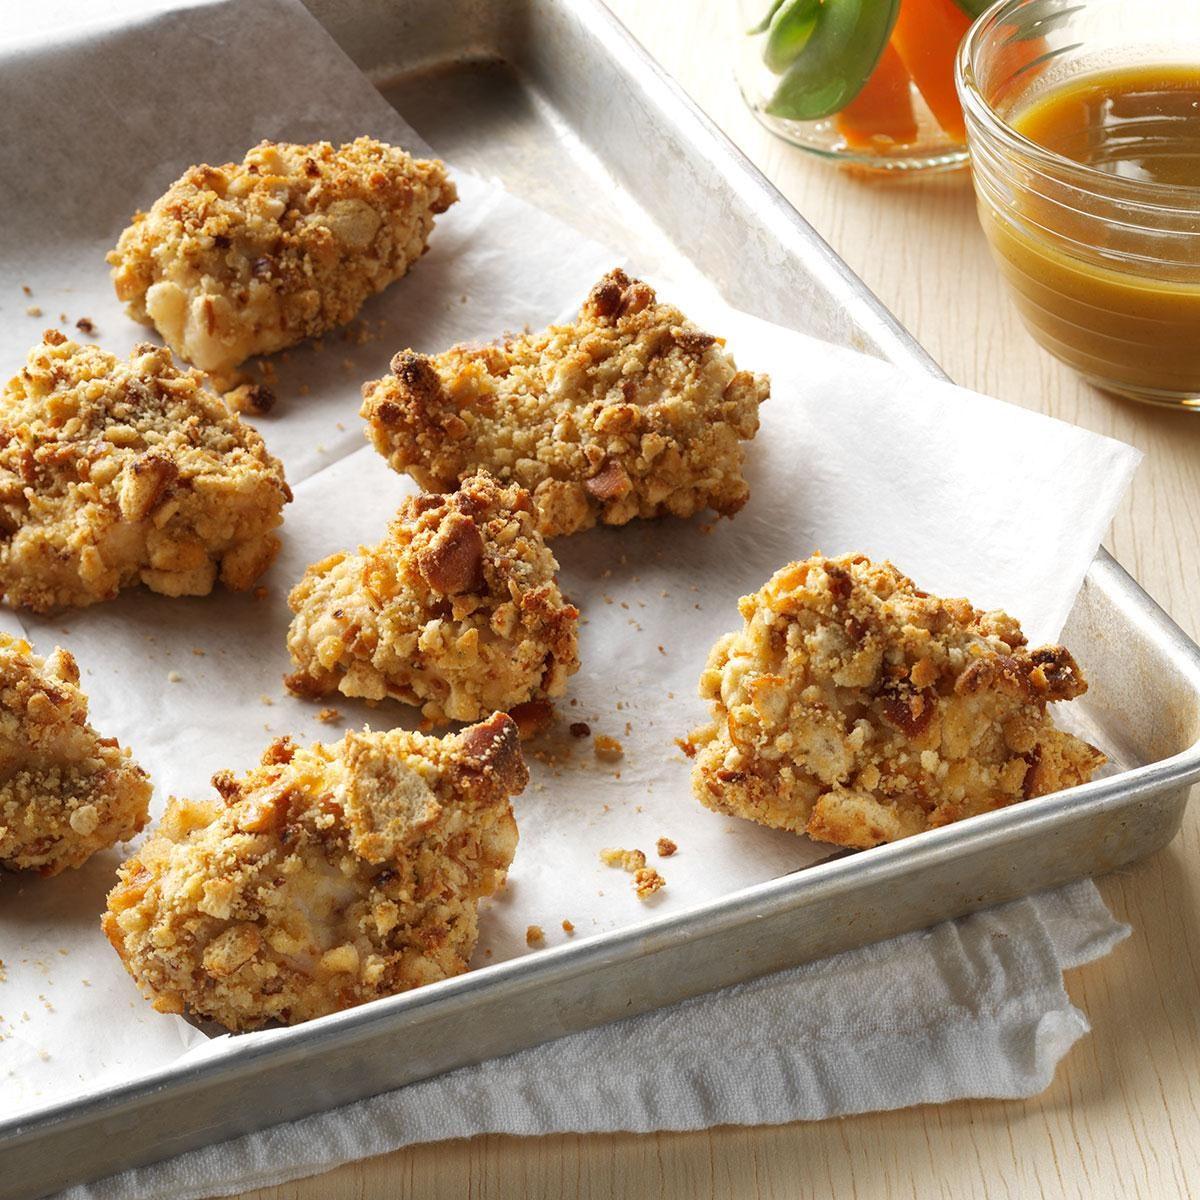 Nuggets Healthy Eats: Pretzel-Coated Chicken Nuggets Recipe